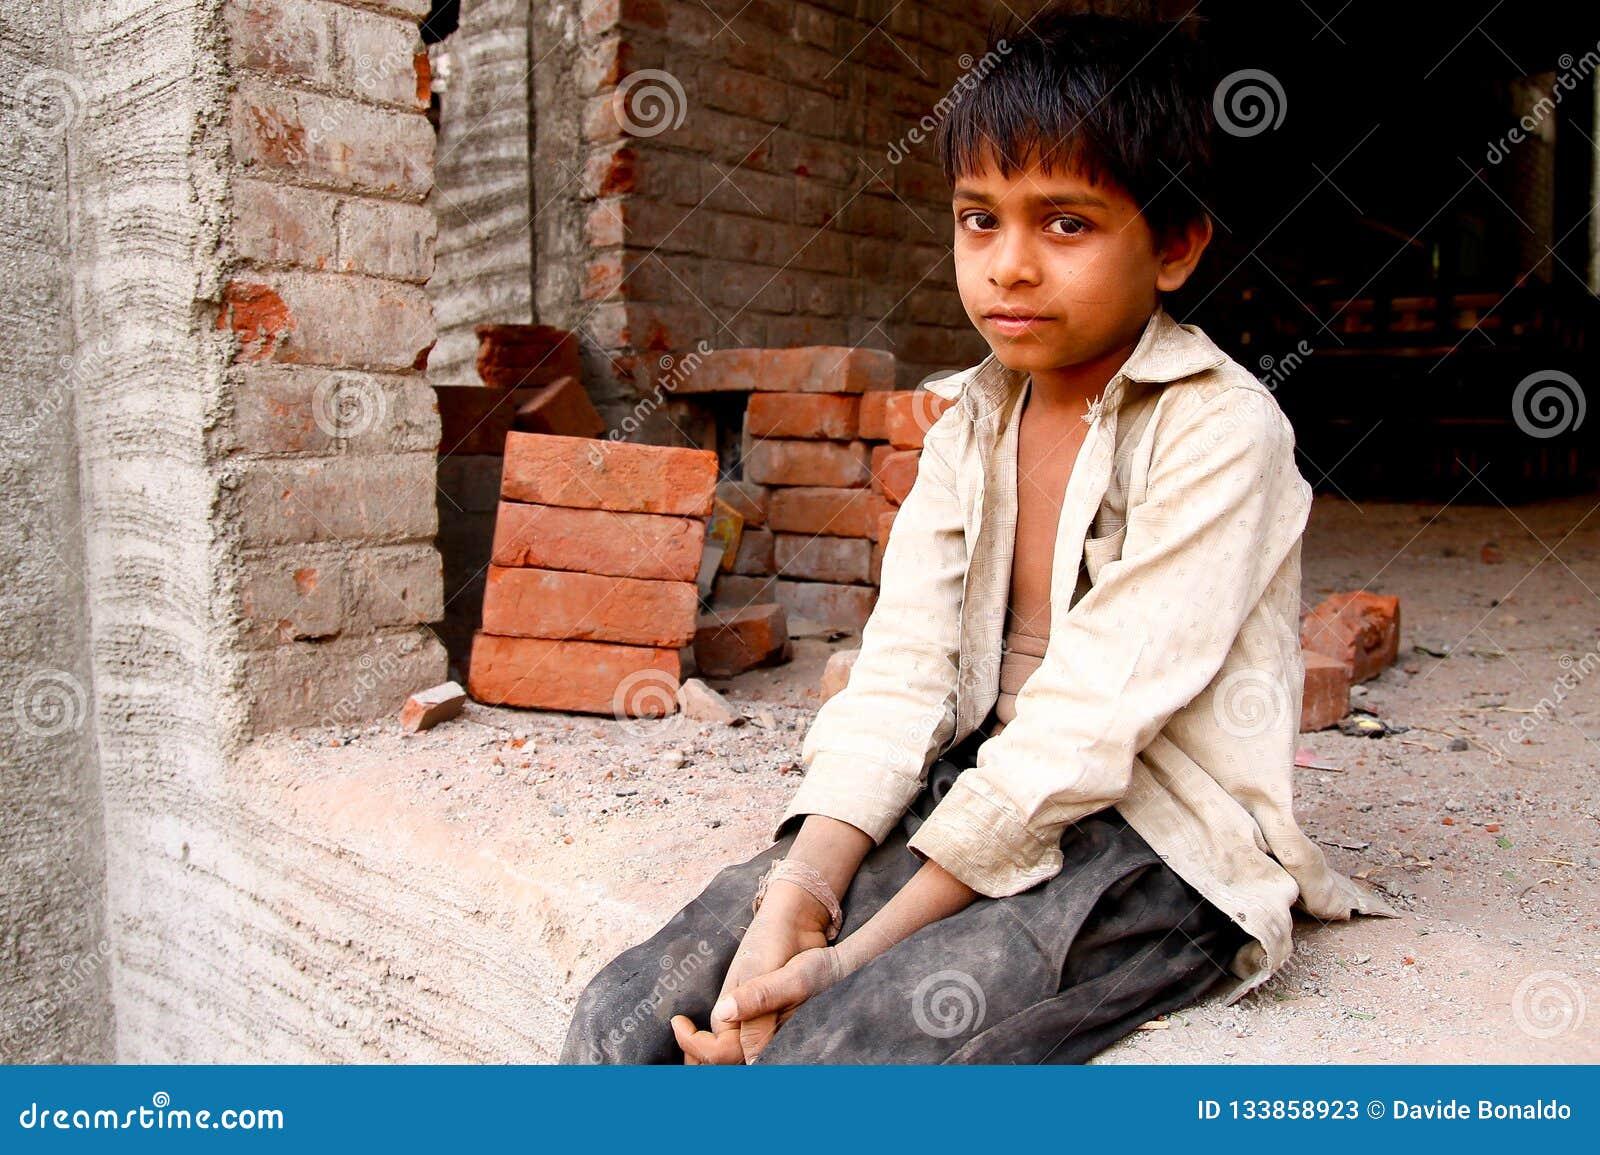 Nuova Delhi, India - 20 ottobre 2017: ritratto di giovane ragazzo indiano che lavora come muratore nella costruzione con i vestit